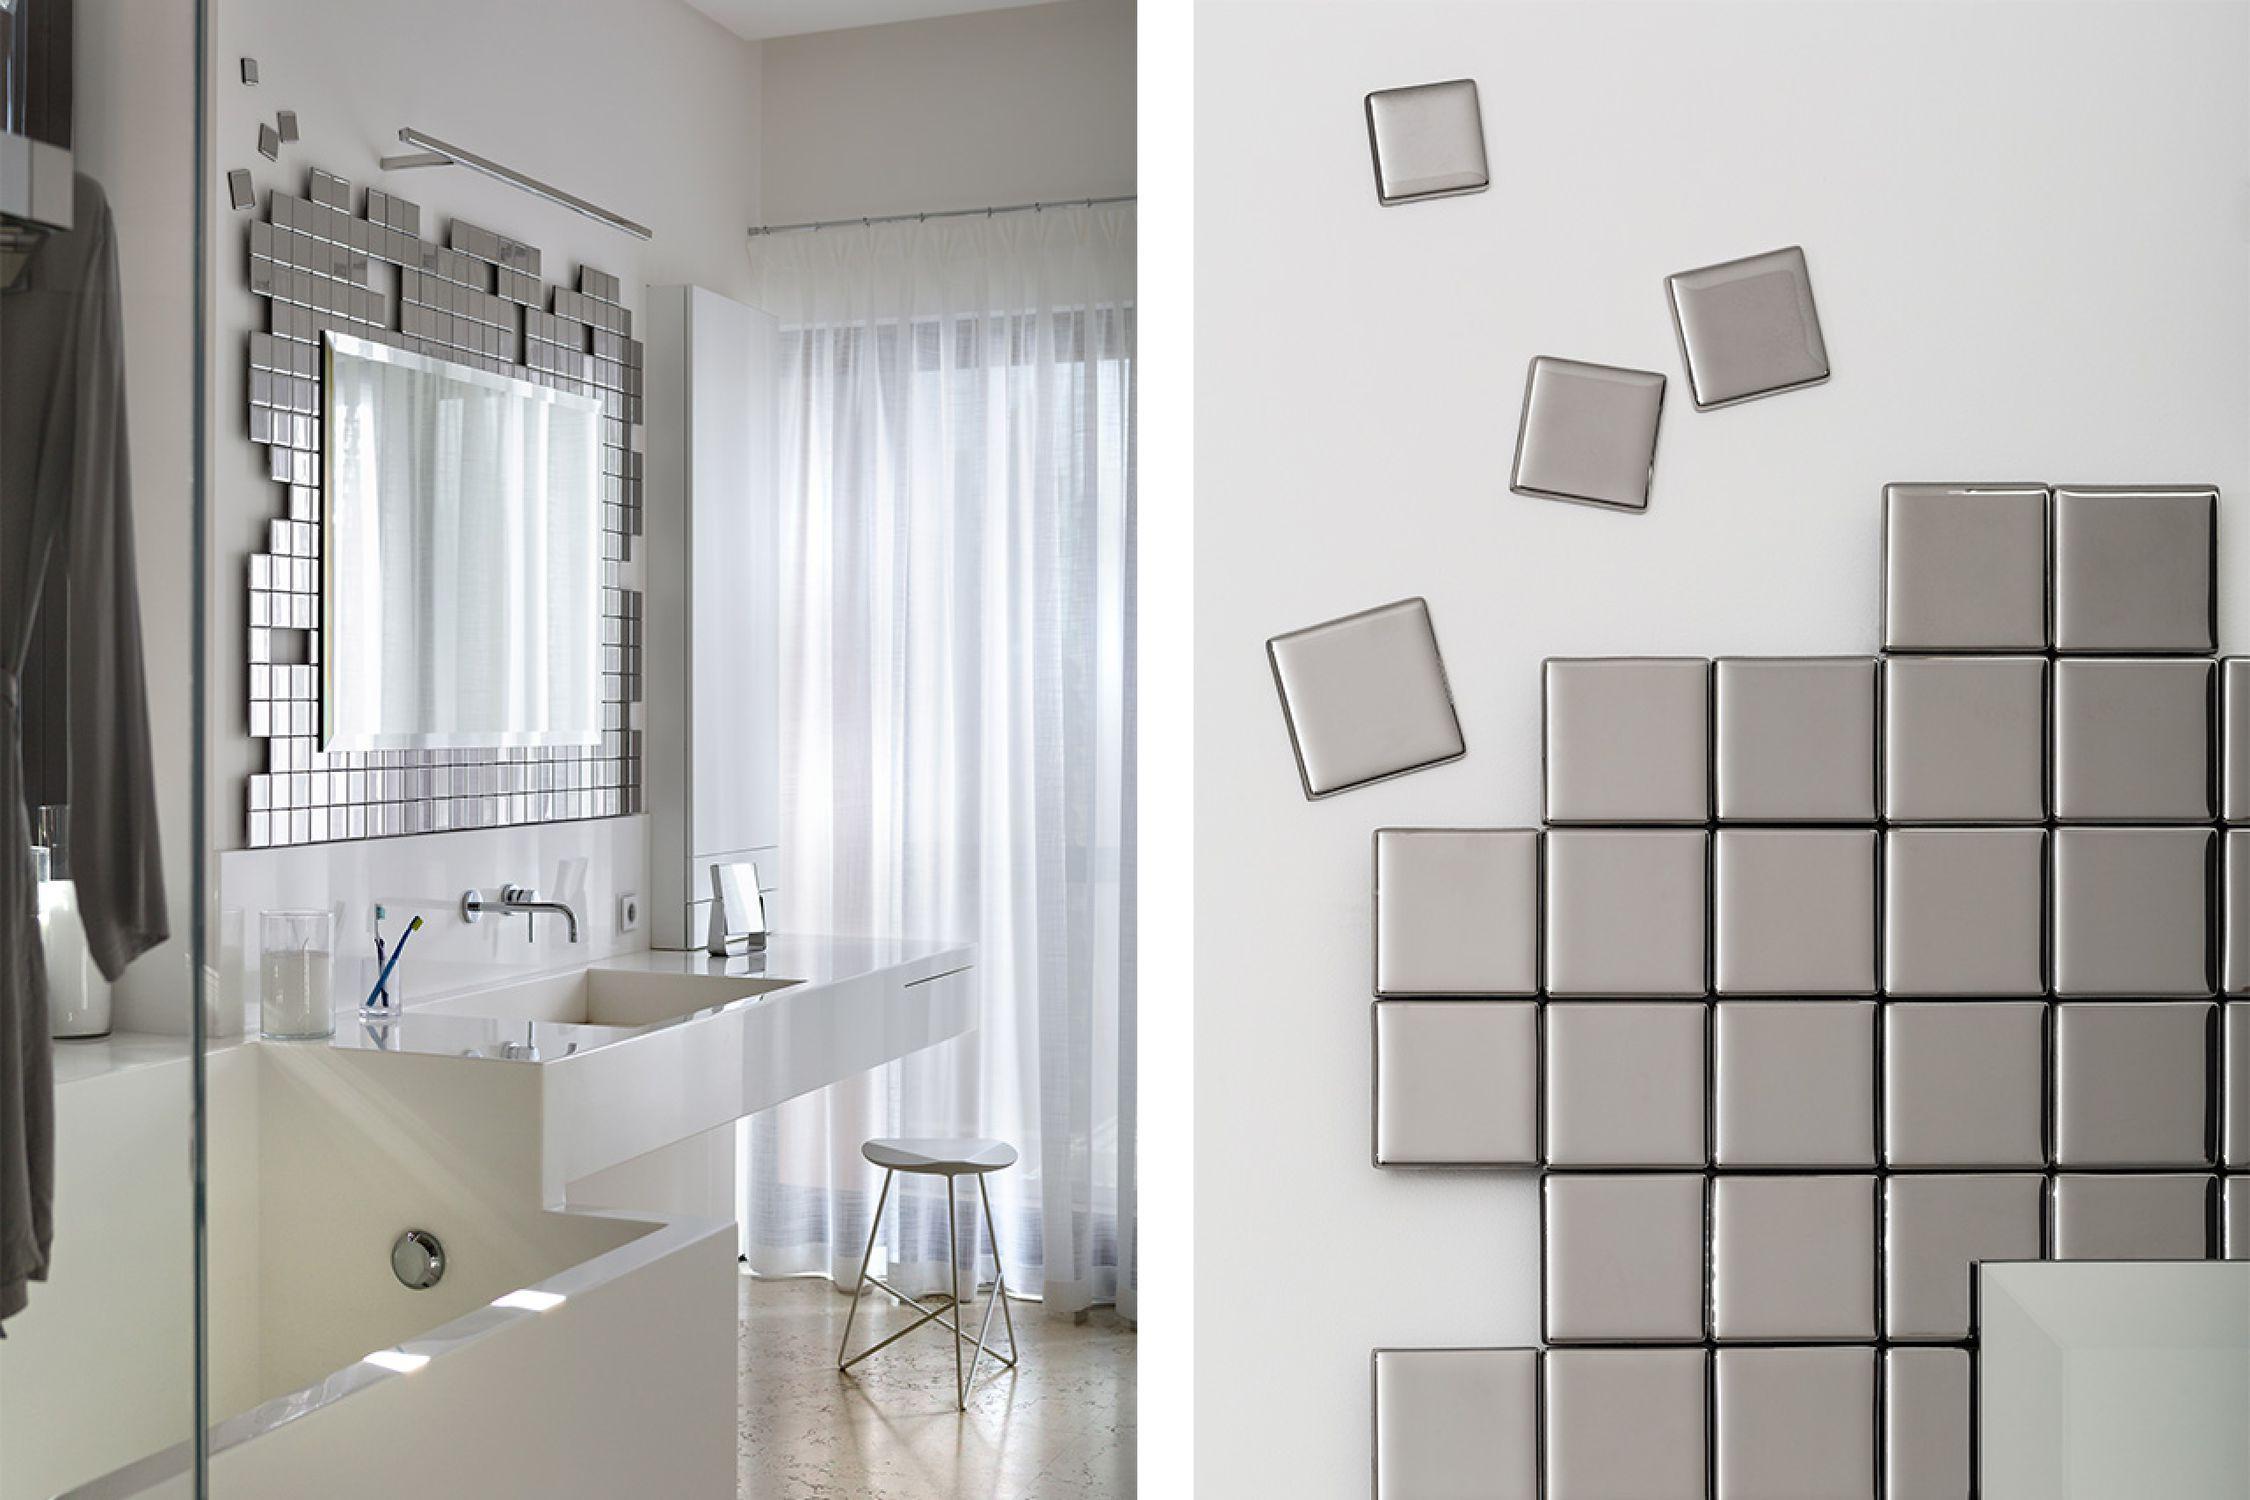 Wall-mounted bathroom mirror / illuminated / hanging / bedroom ...